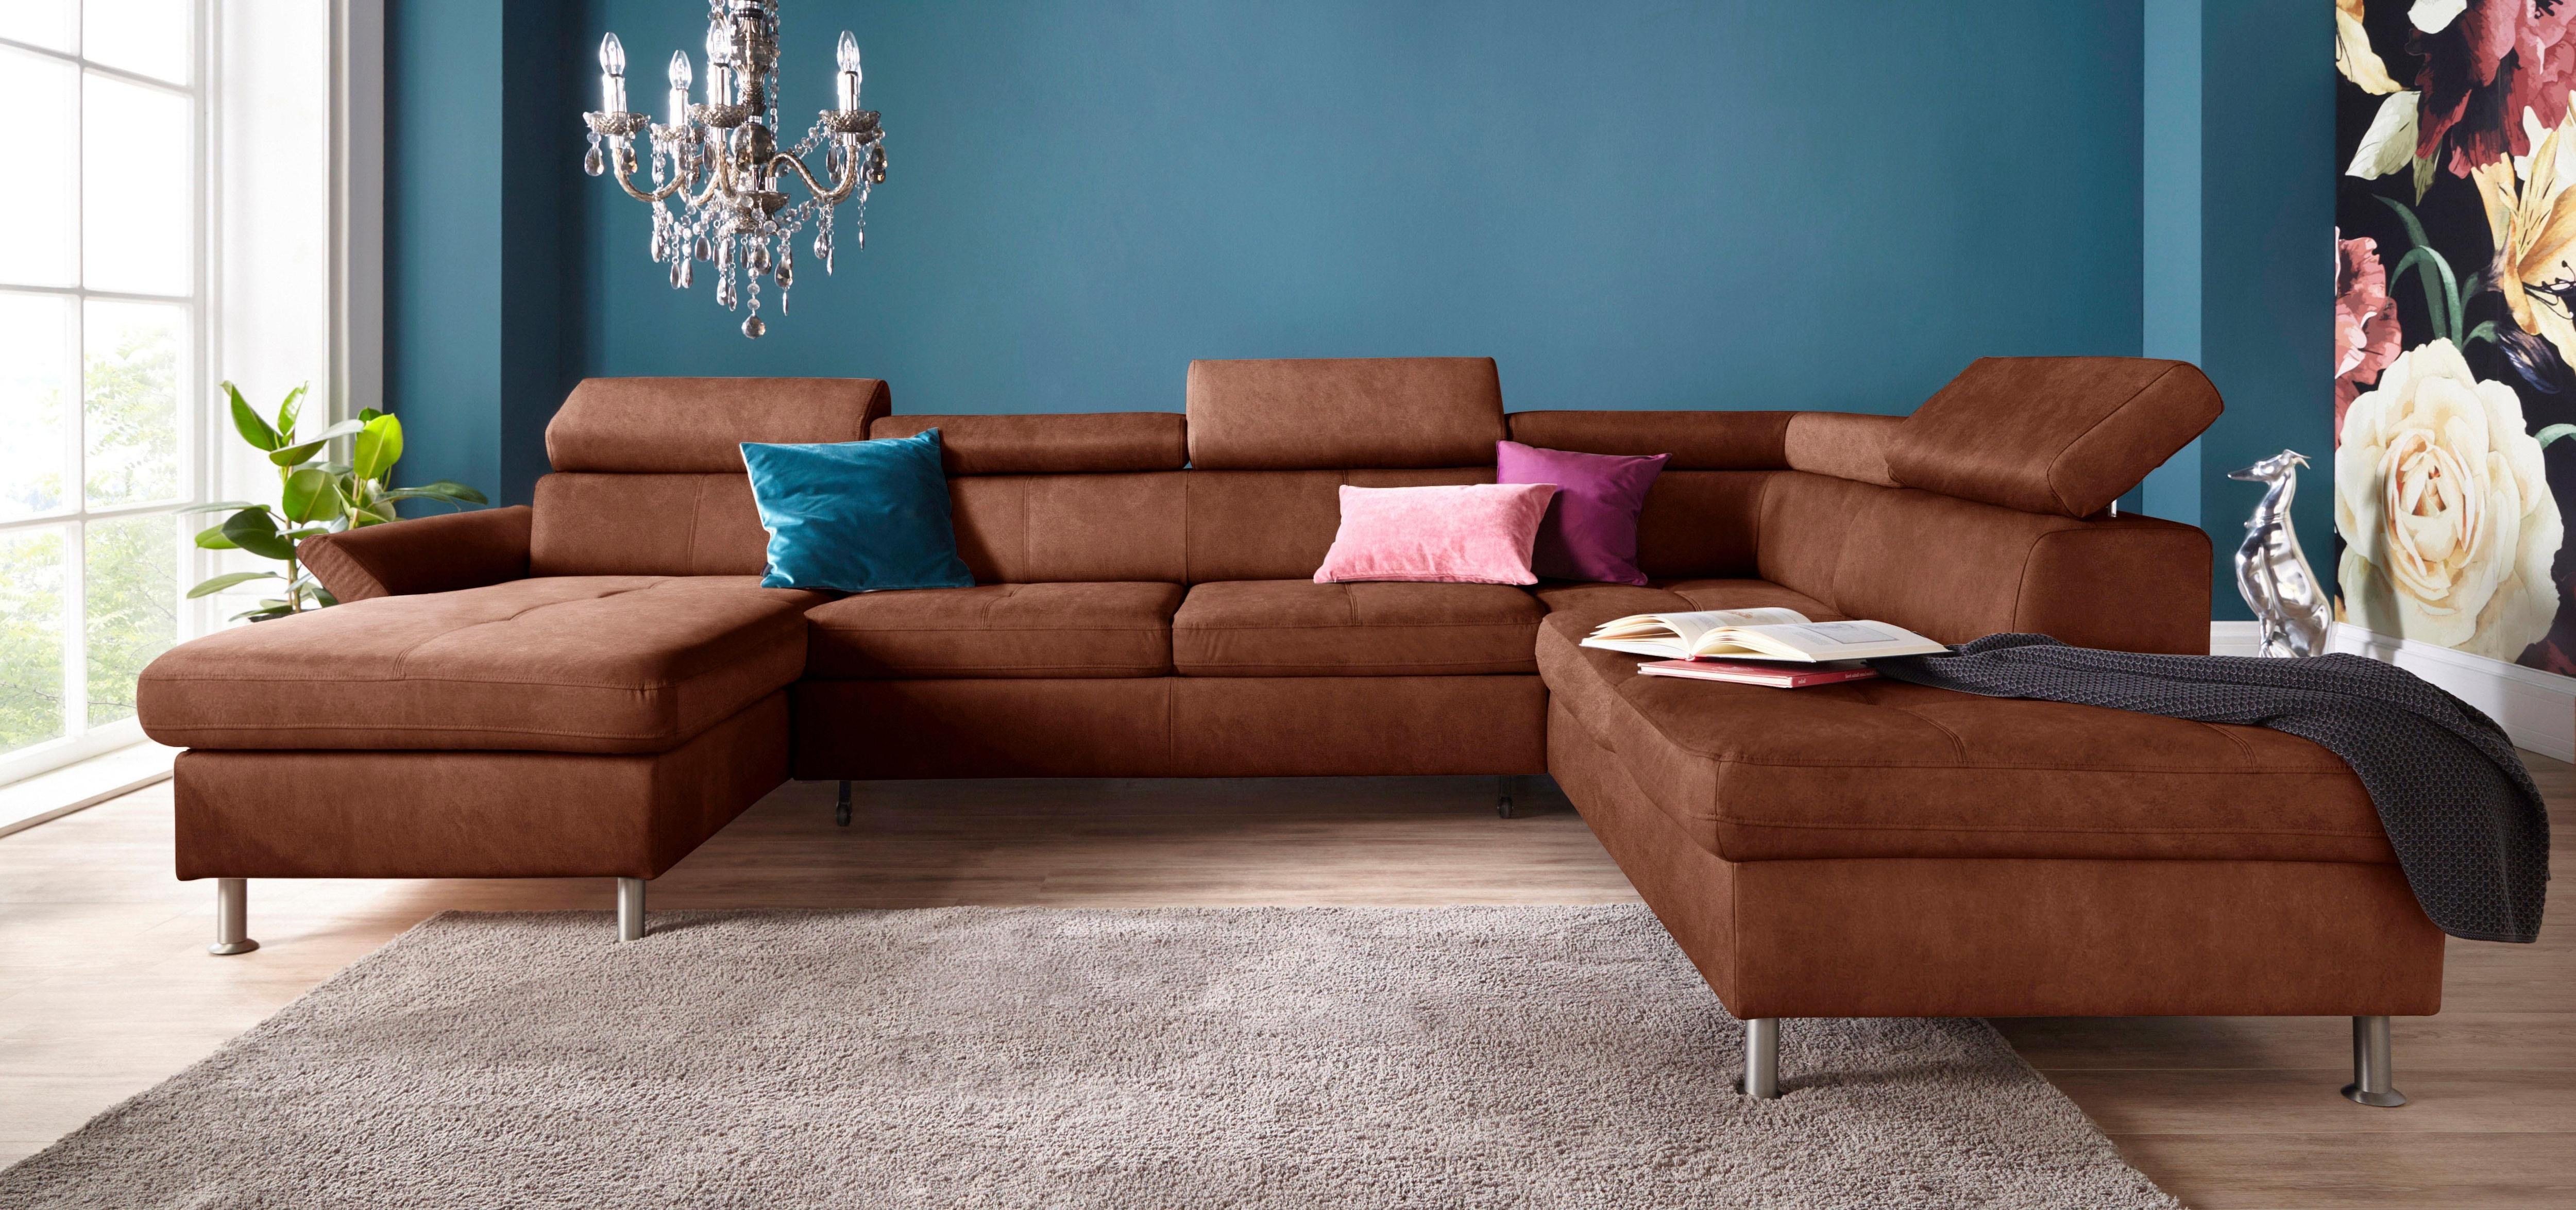 trendmanufaktur wohnlandschaft moebel suchmaschine. Black Bedroom Furniture Sets. Home Design Ideas